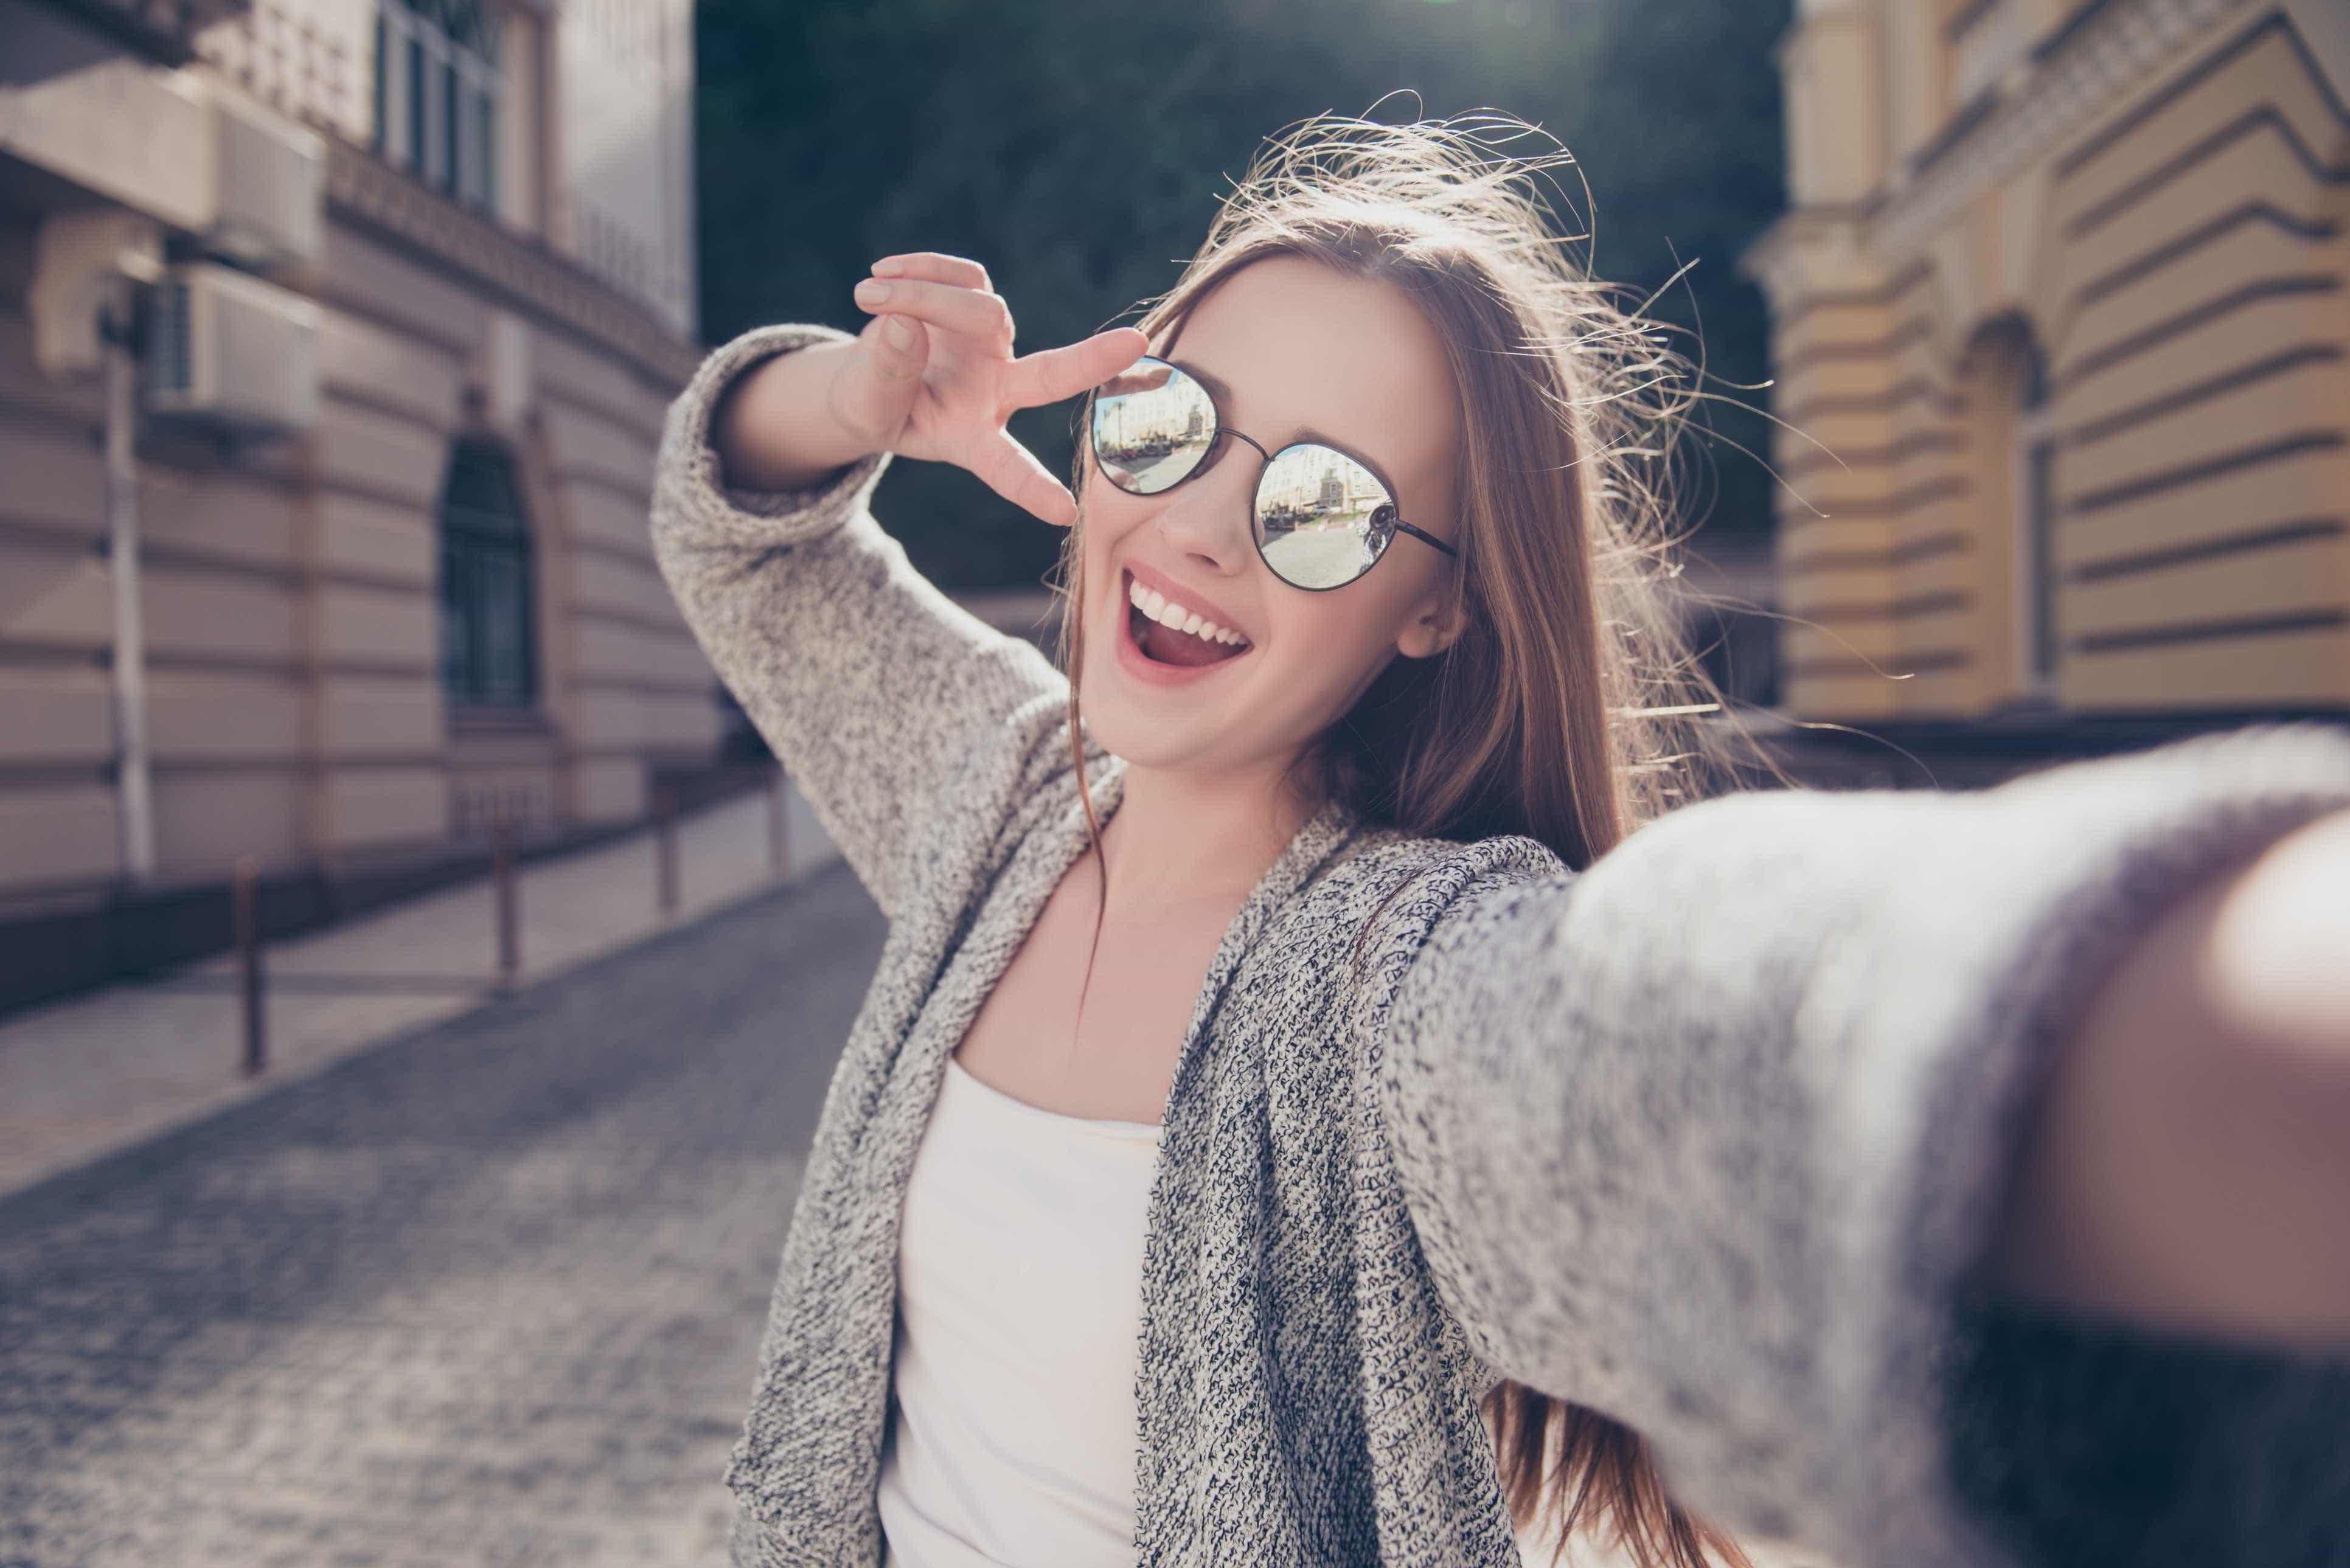 Em viagem sozinhas: O guia para mulheres viajantes e aventureiras